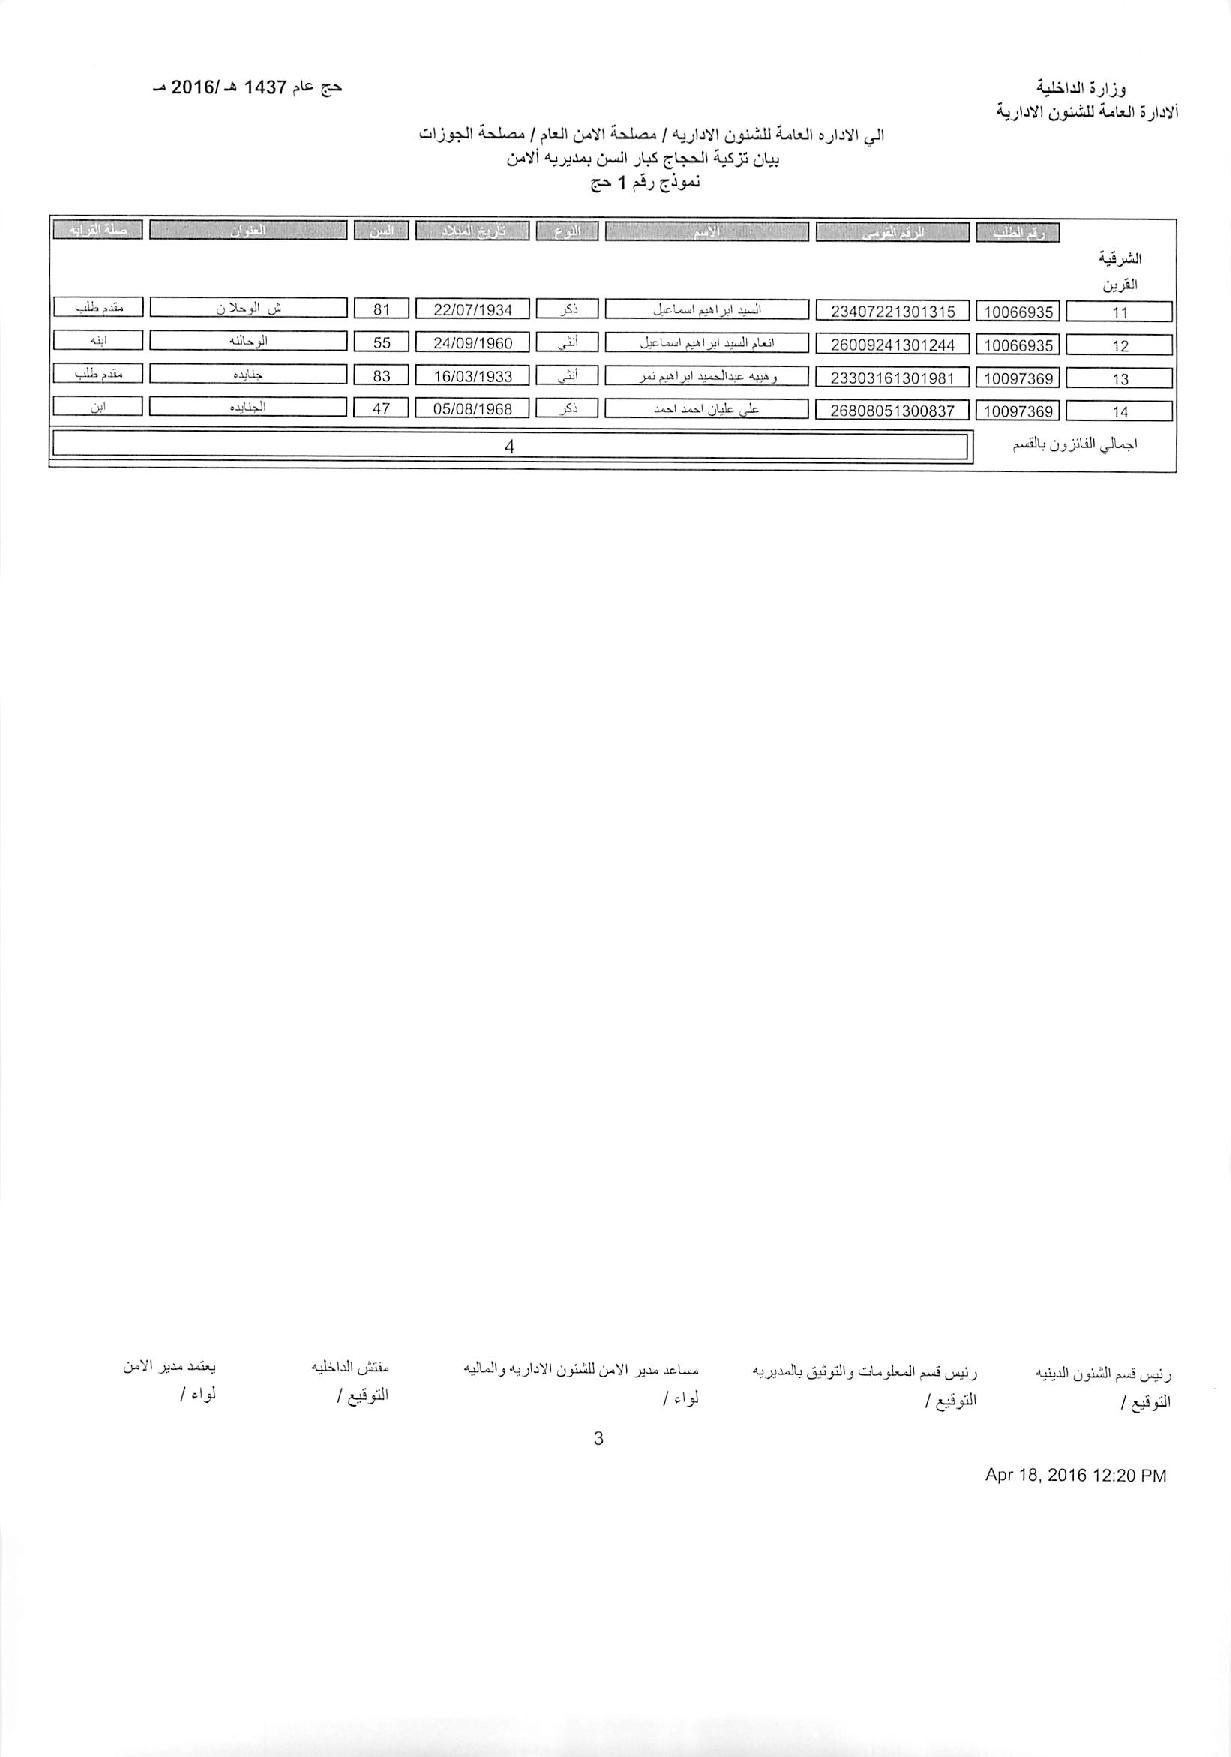 اسماء الحجاج الفائزون بالقرعة لعام 1437هـ 2016م (5)